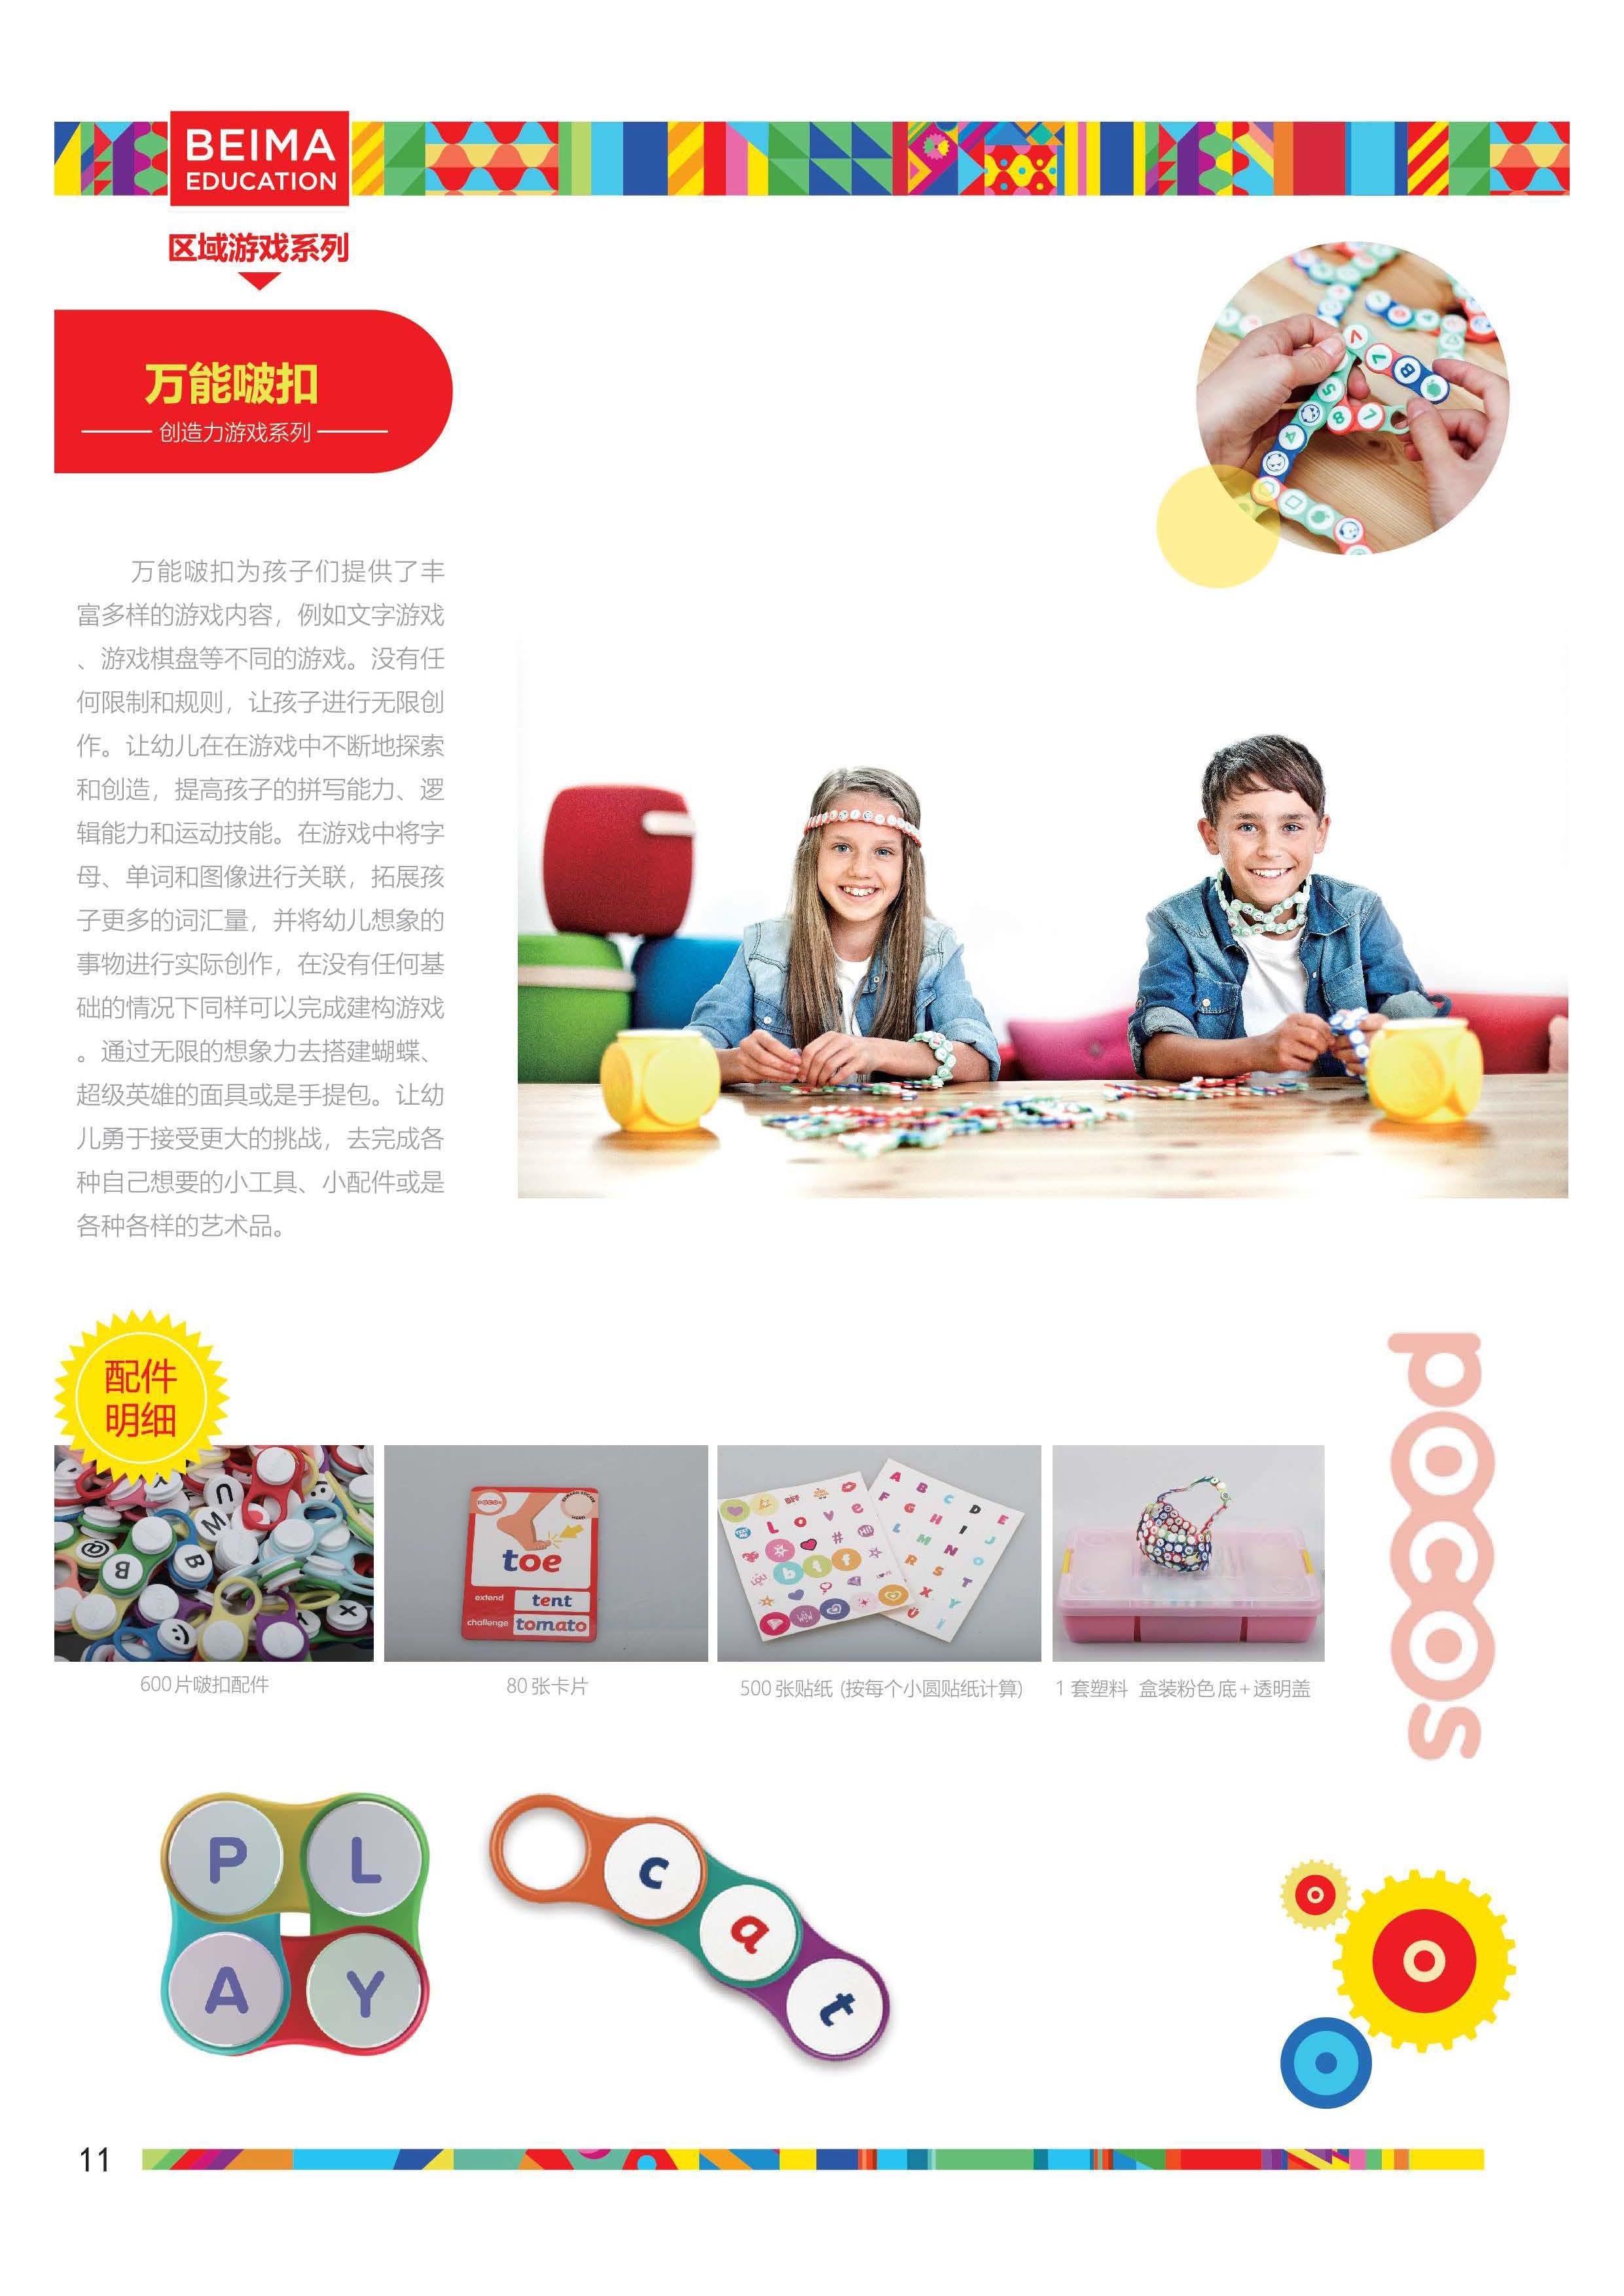 贝玛最新产品手册_页面_12.jpg